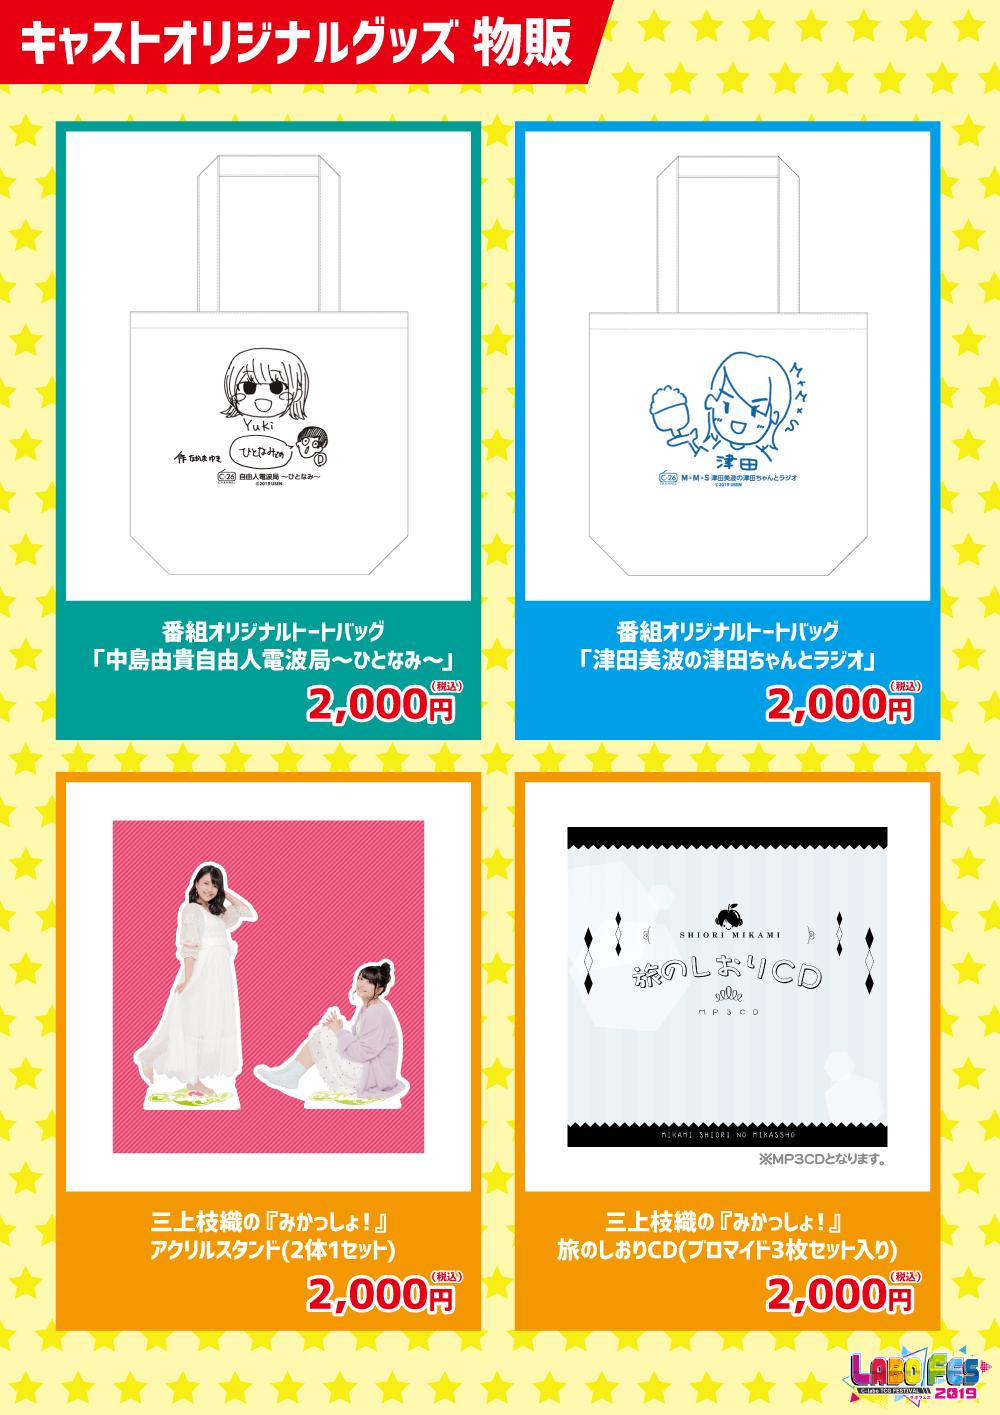 ラボフェス_企業物販_ゲスト